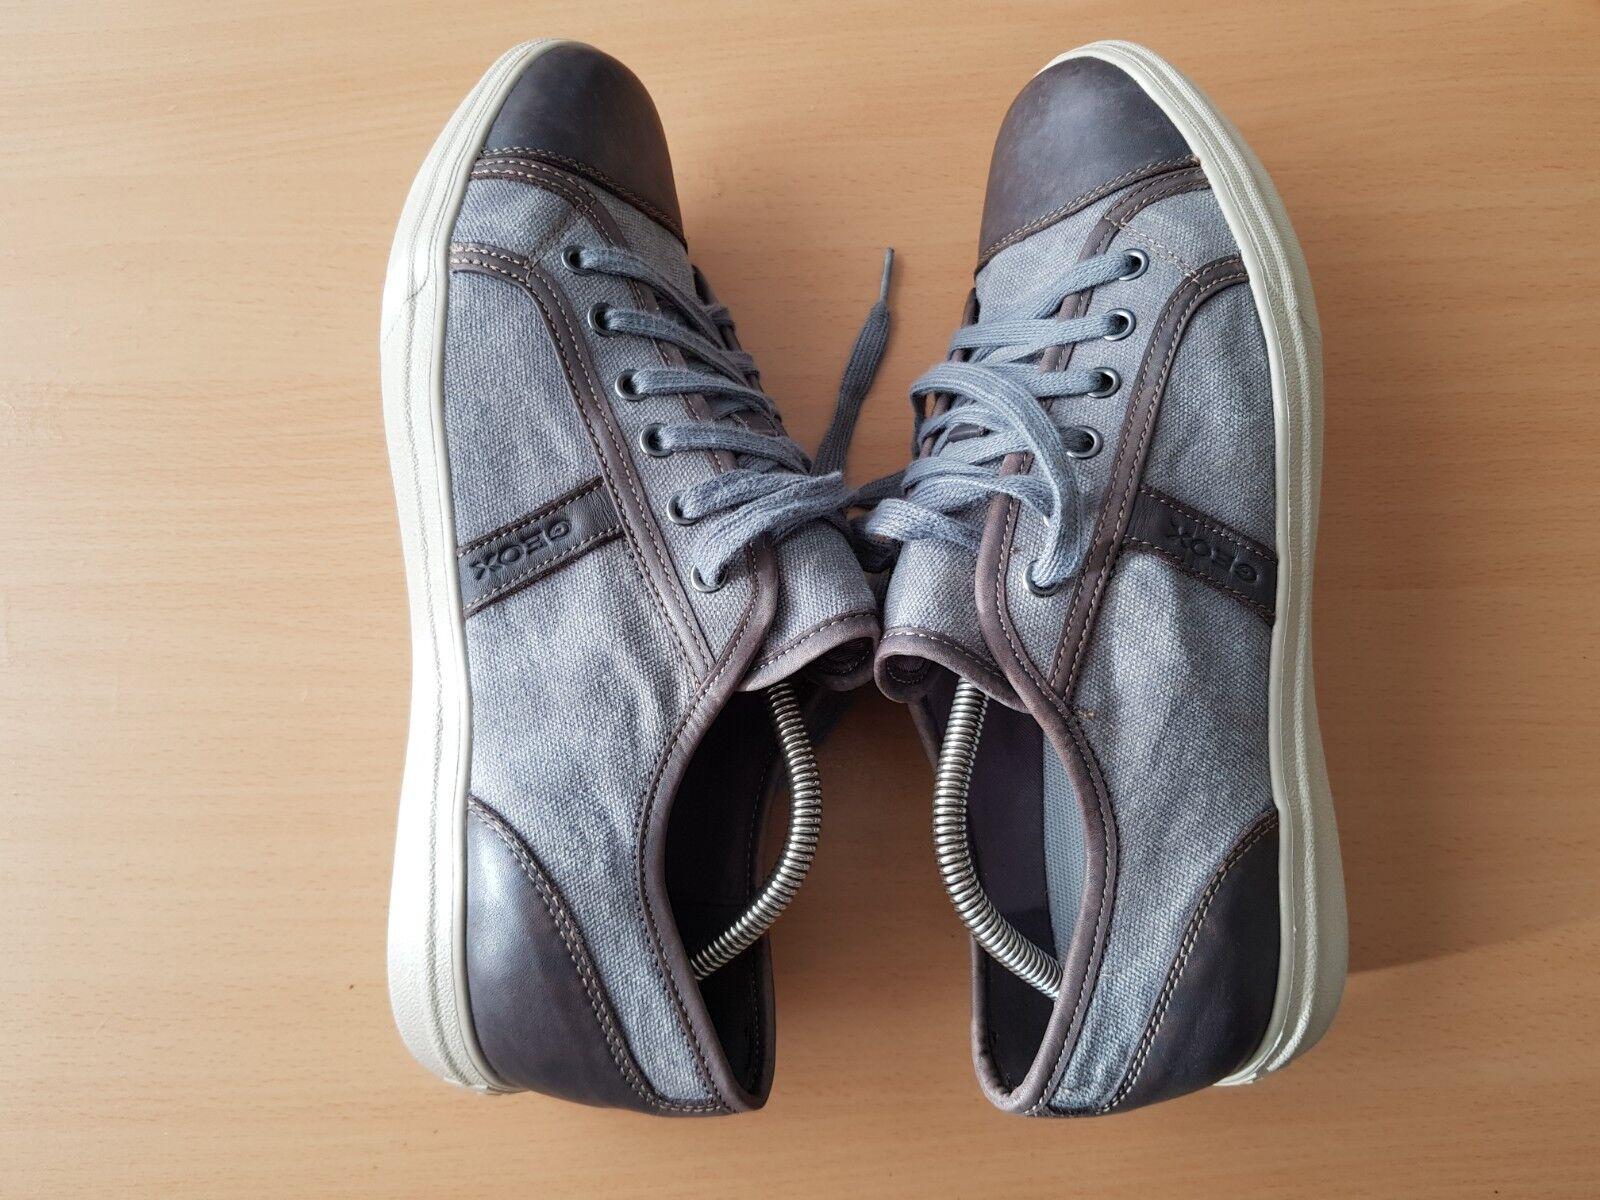 Geox Herren Turnschuhe Sports Schuhe Gr. 44 TOP  | Elegante und robuste Verpackung